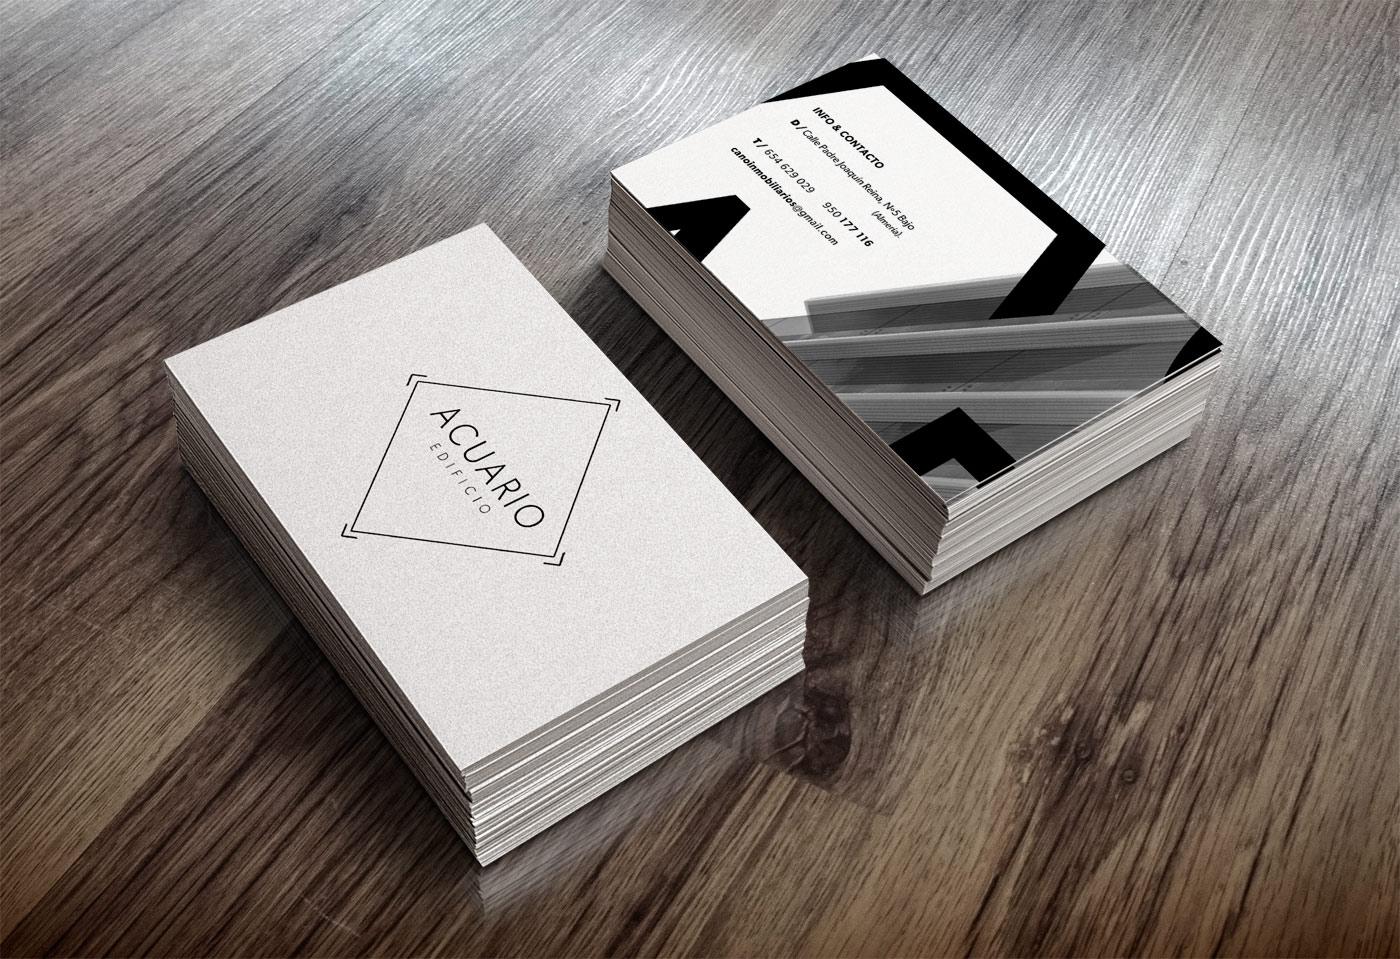 tarjetas de vicita, papeleria corporativa, logotipo, decoración interior, decoración exterior, diseño web, diseño gráfico, identidad corporativa, planos de ventas, vallas publicitarias, diseño gráfico en Almería